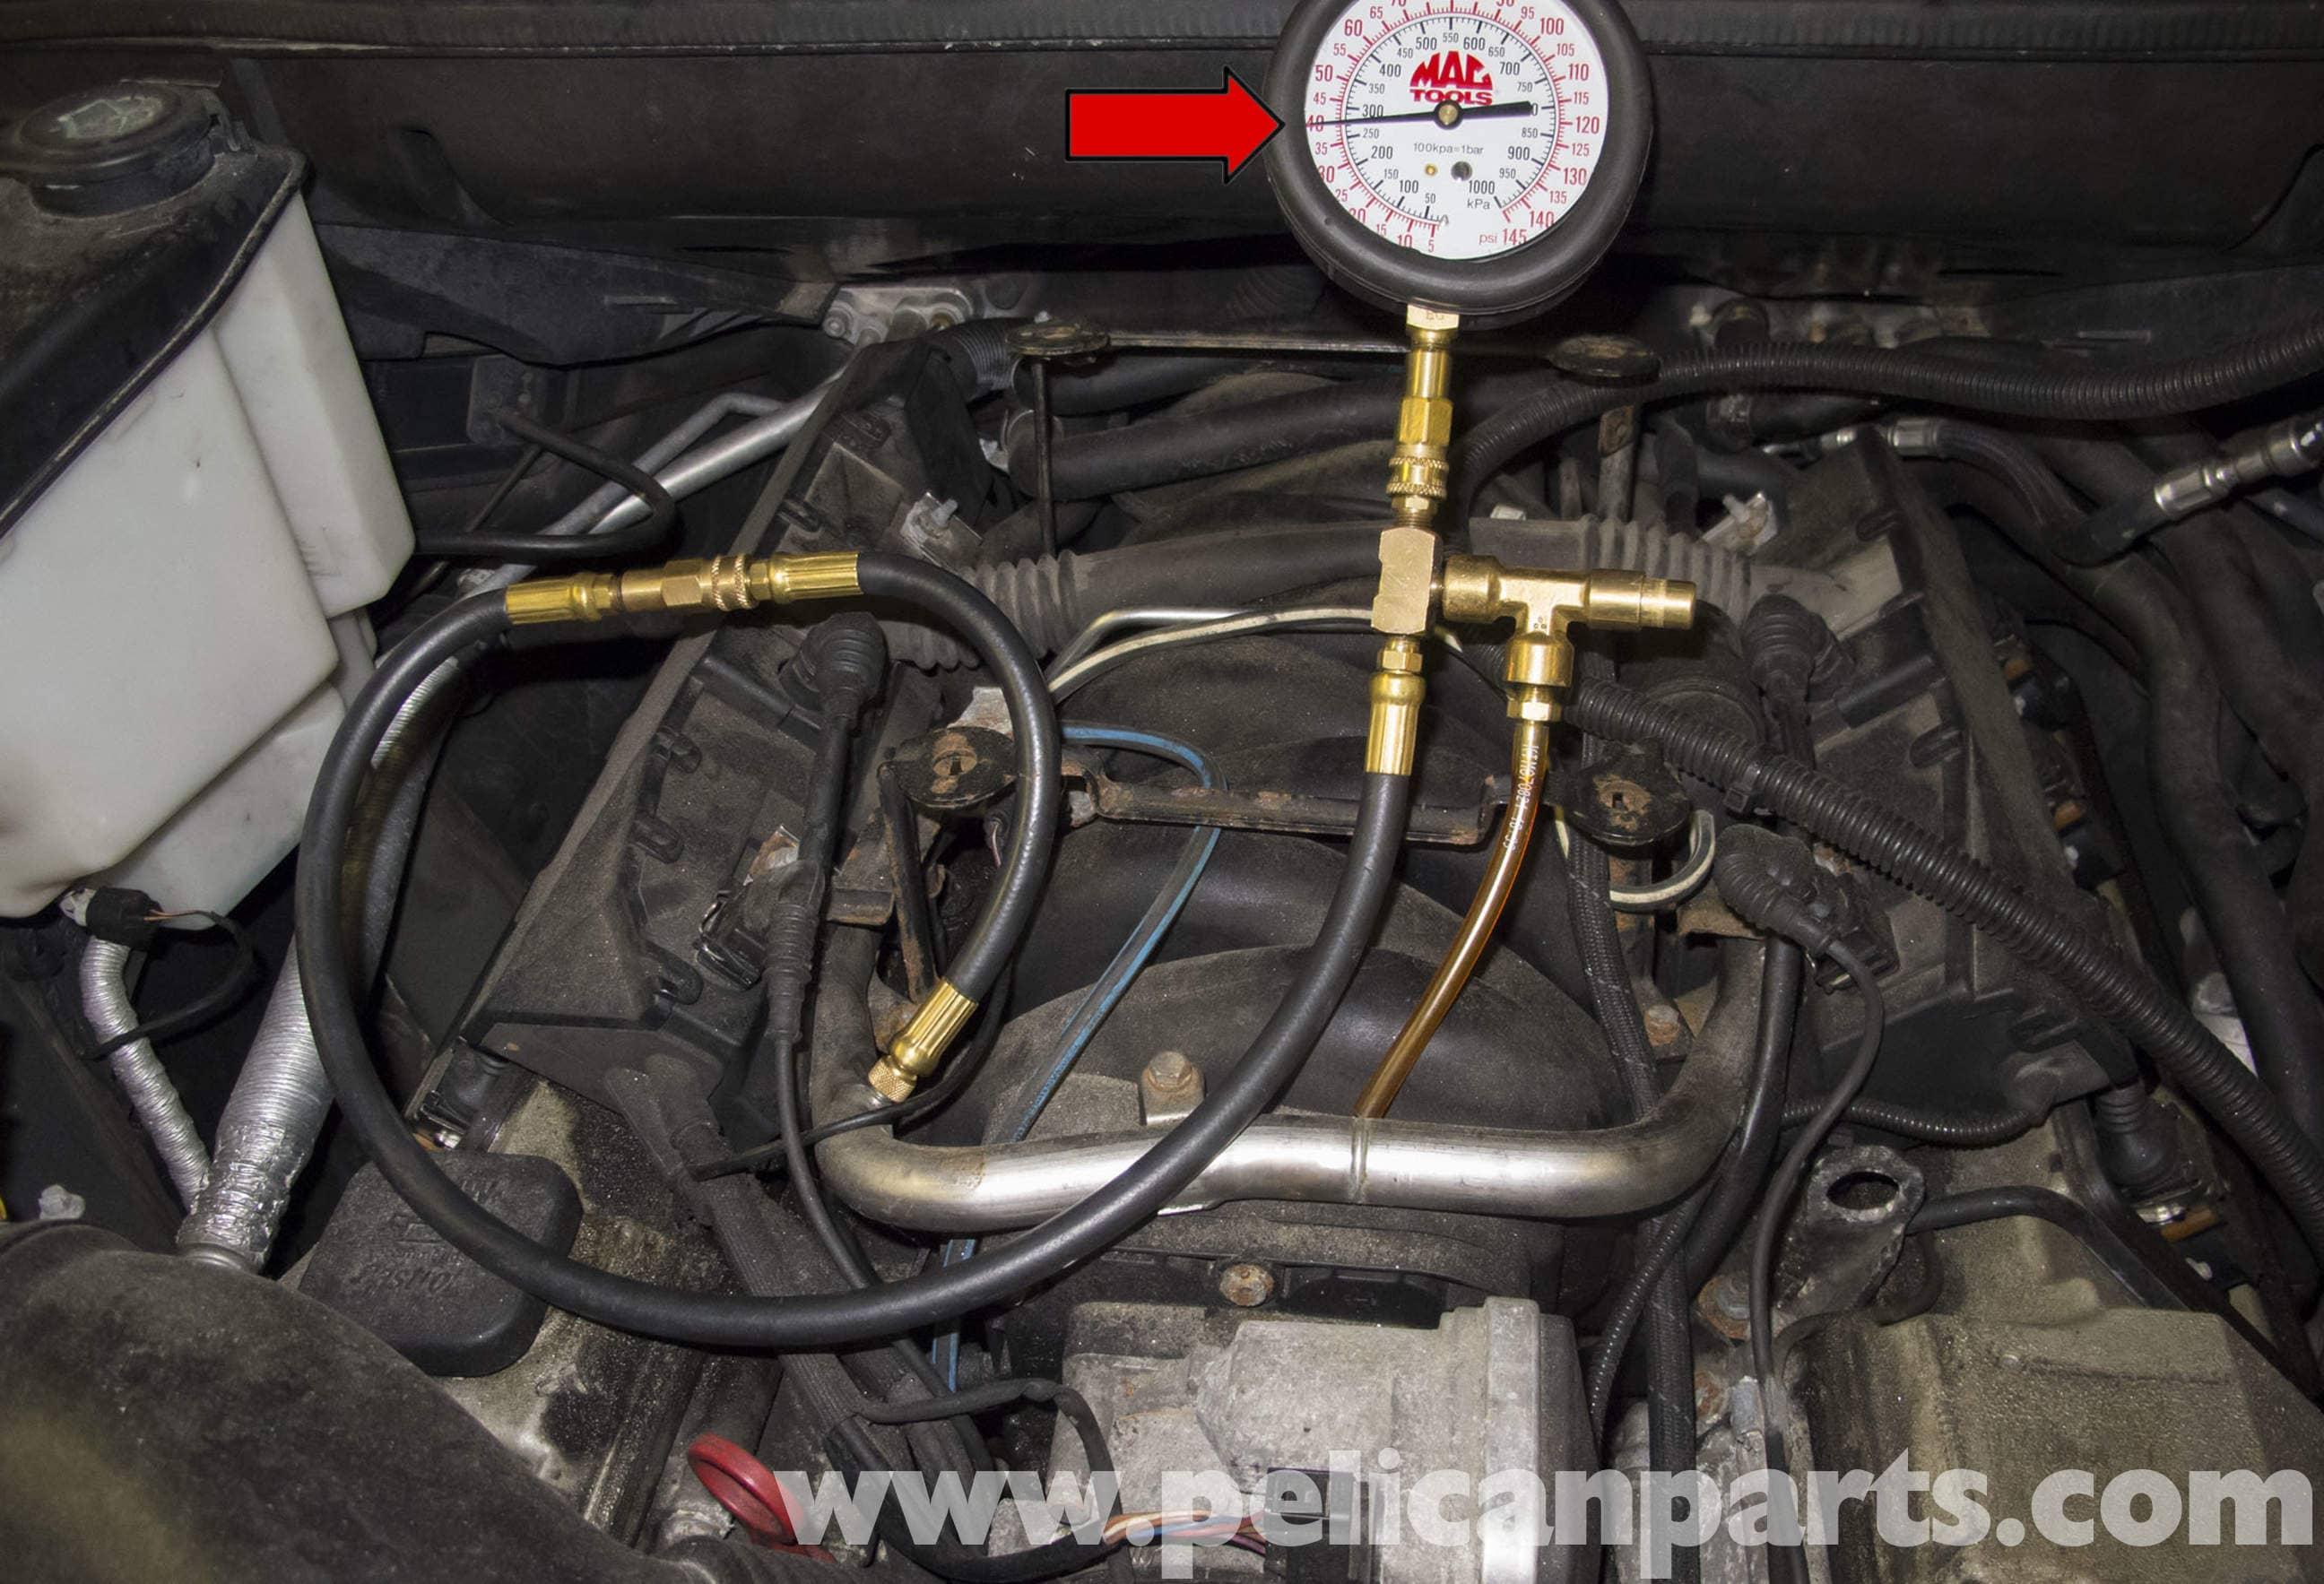 I Fuse Box Diagram Bmw X5 Fuel Pump Testing E53 2000 2006 Pelican Parts